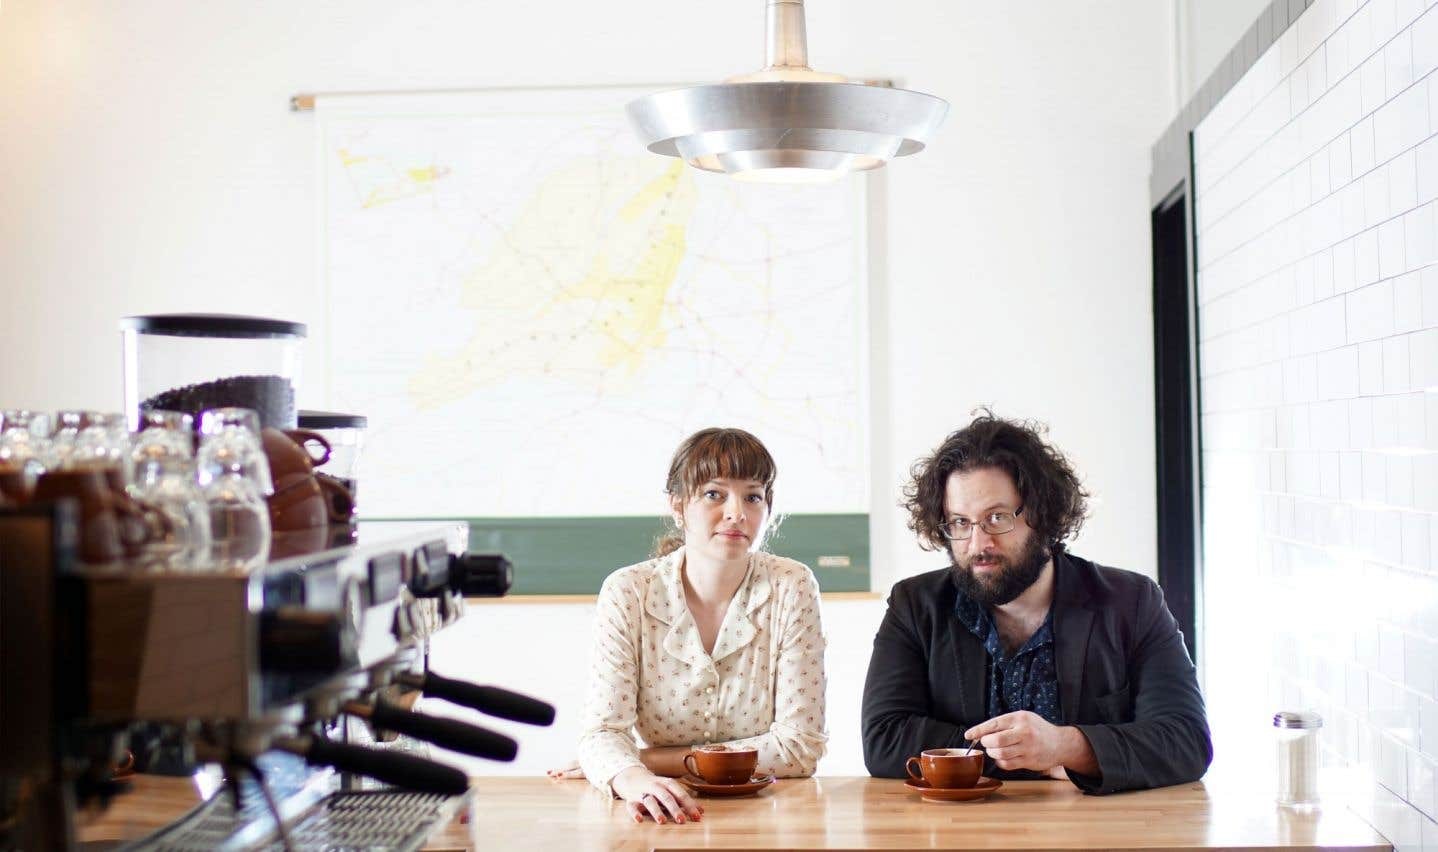 Sur «CPH-Café-YUL», le deuxième et plus récent disque du duo, un violon s'introduit en bourdon aérien sur une turlutte doucement scandinave.